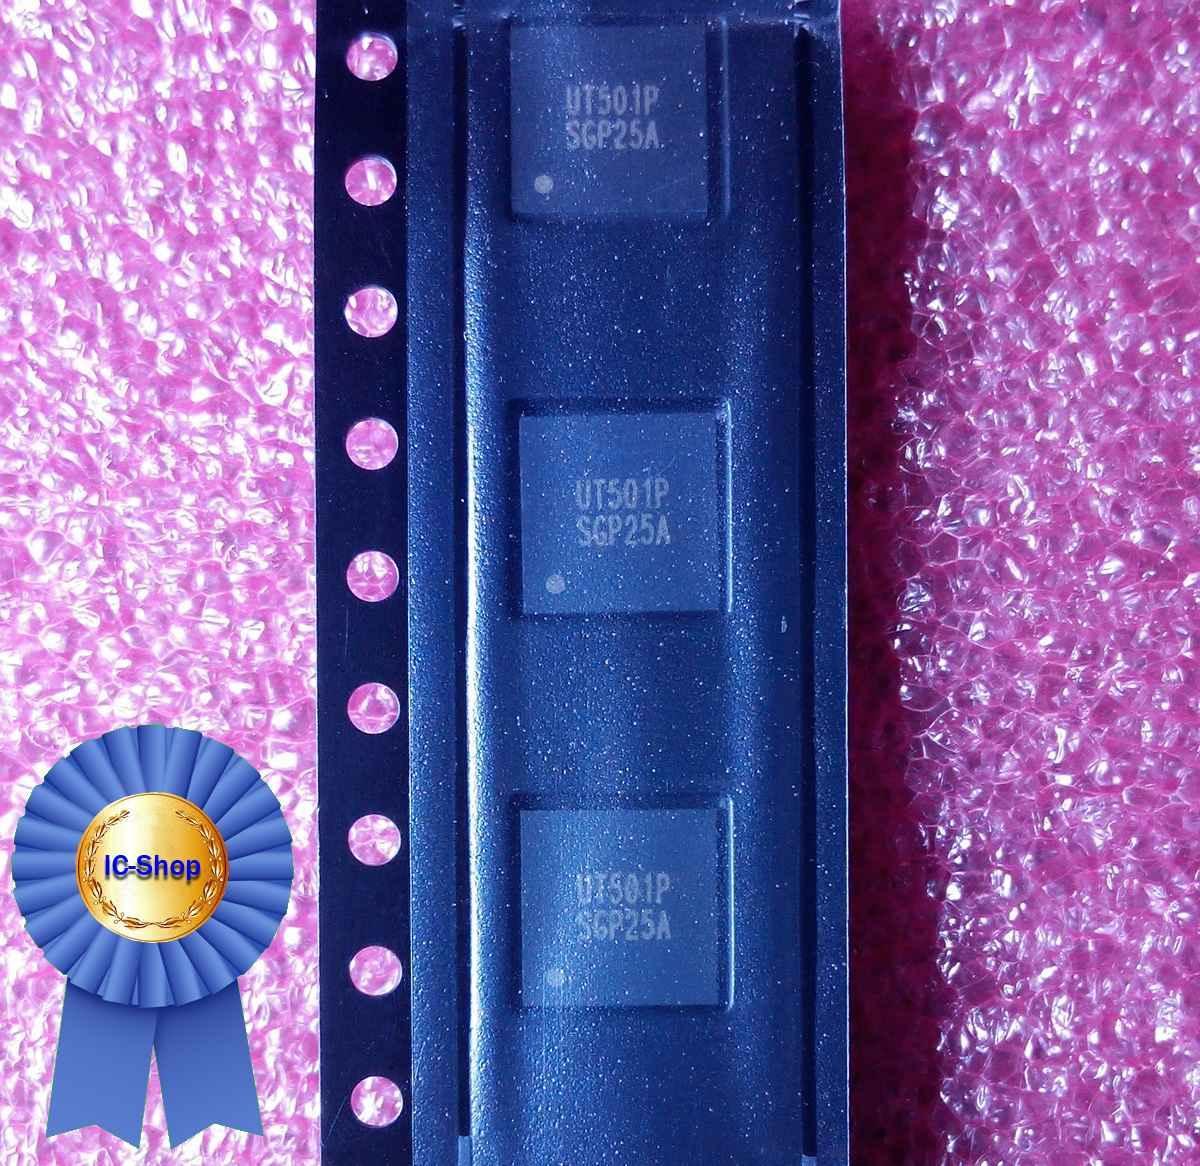 Микросхема - UT501P